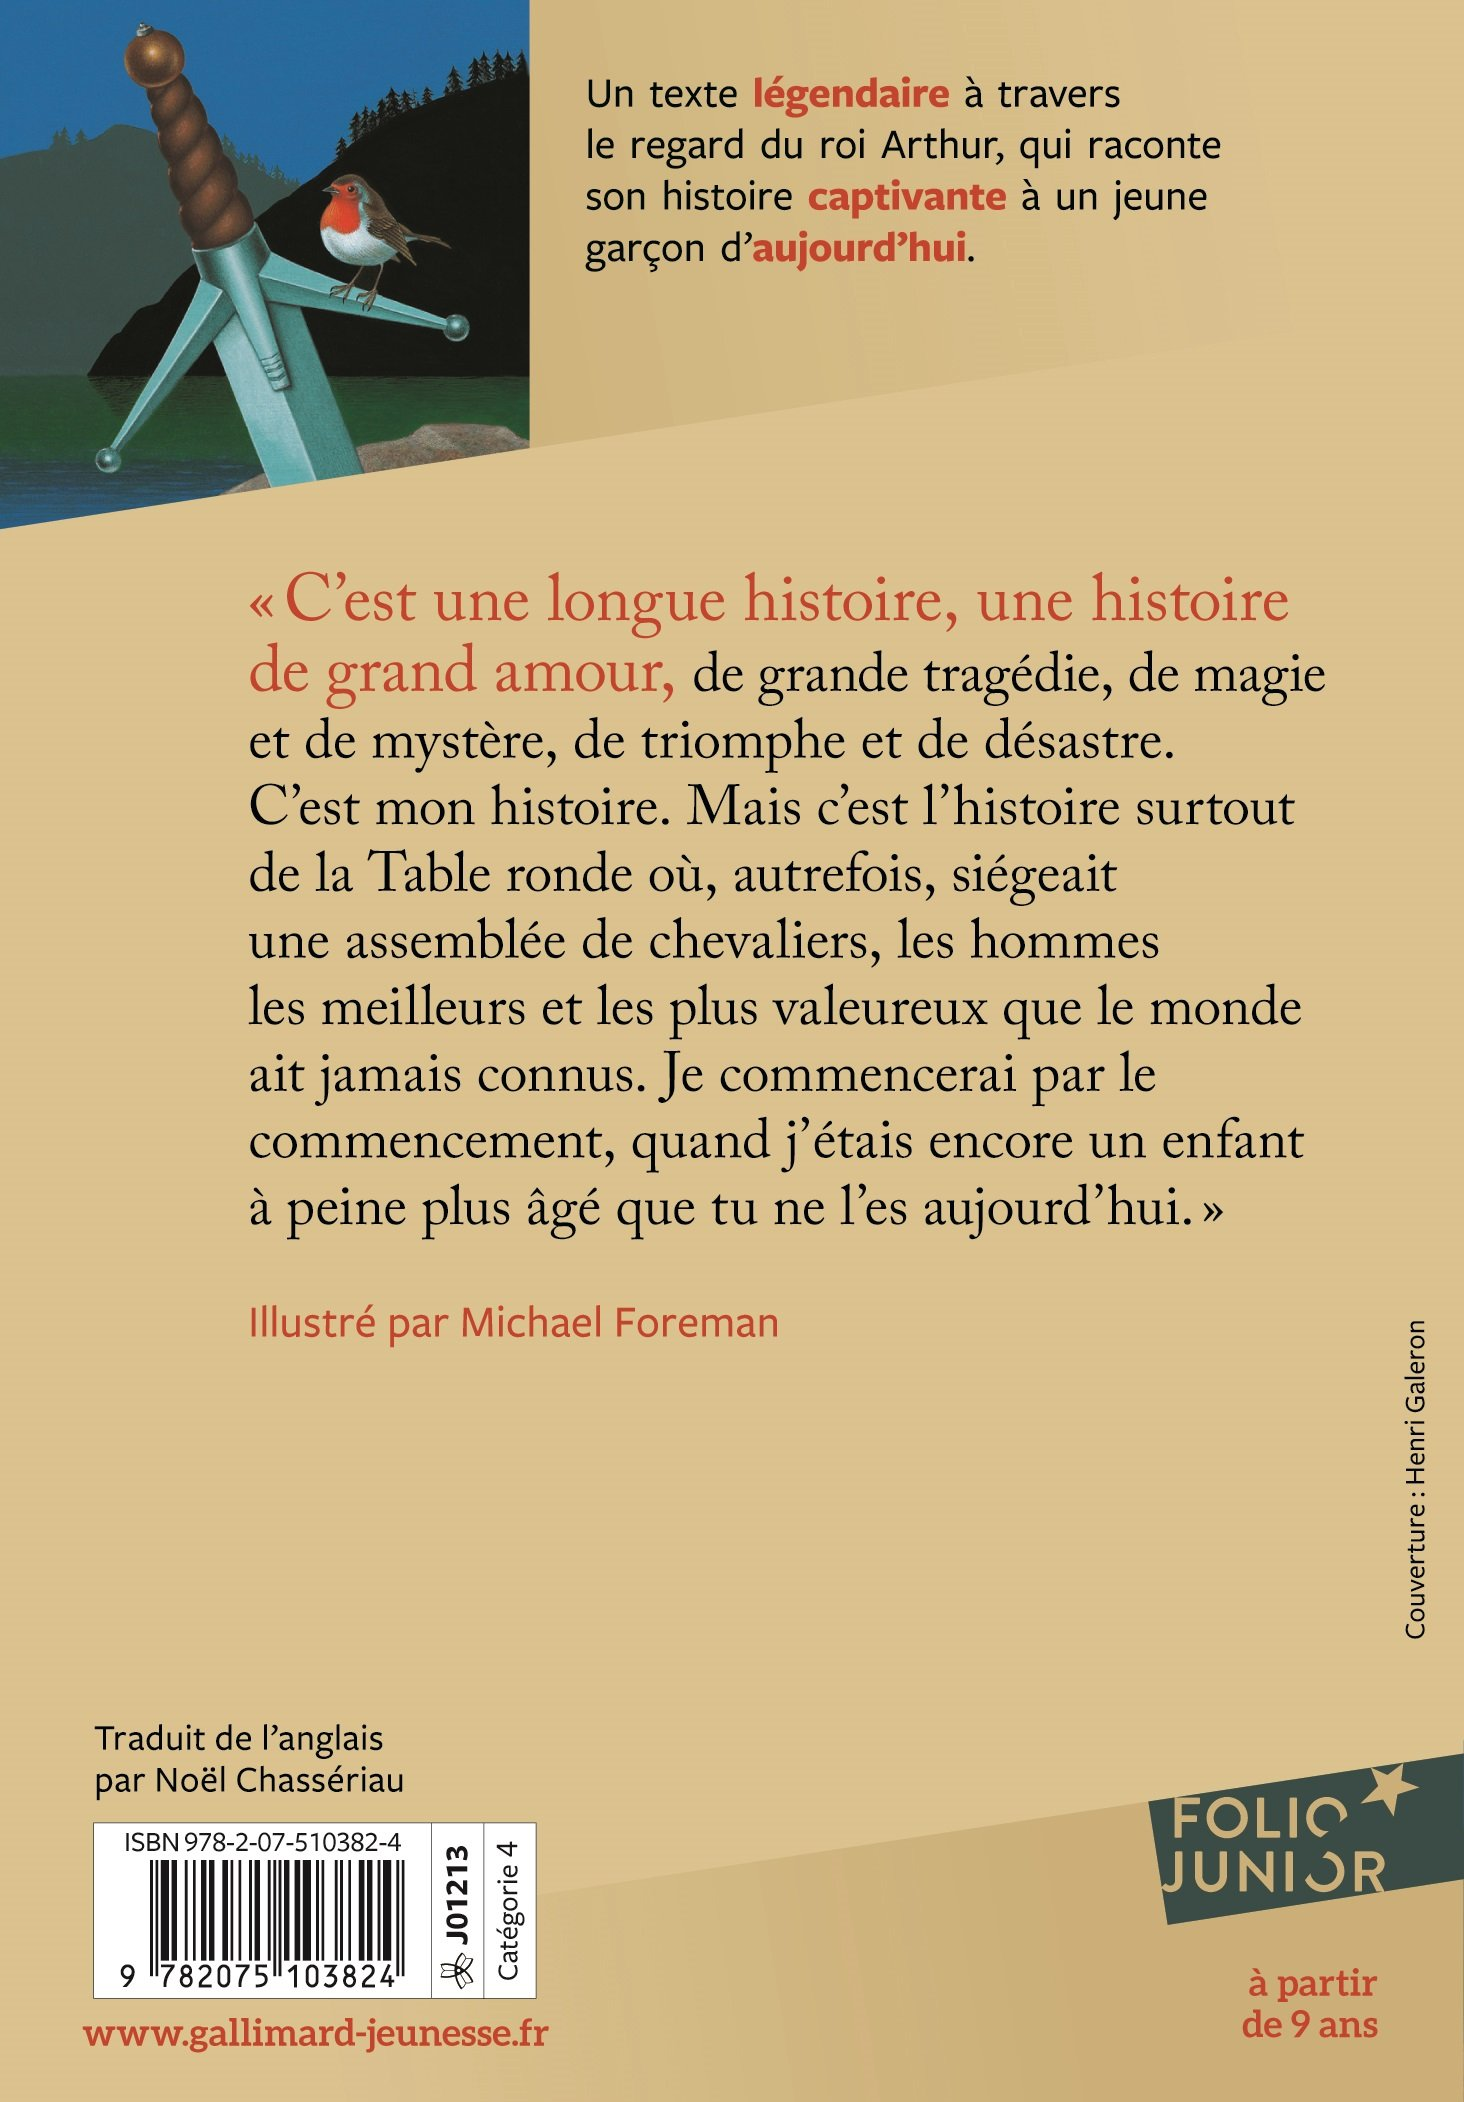 Le roi Arthur - Folio Junior - A partir de 9 ans